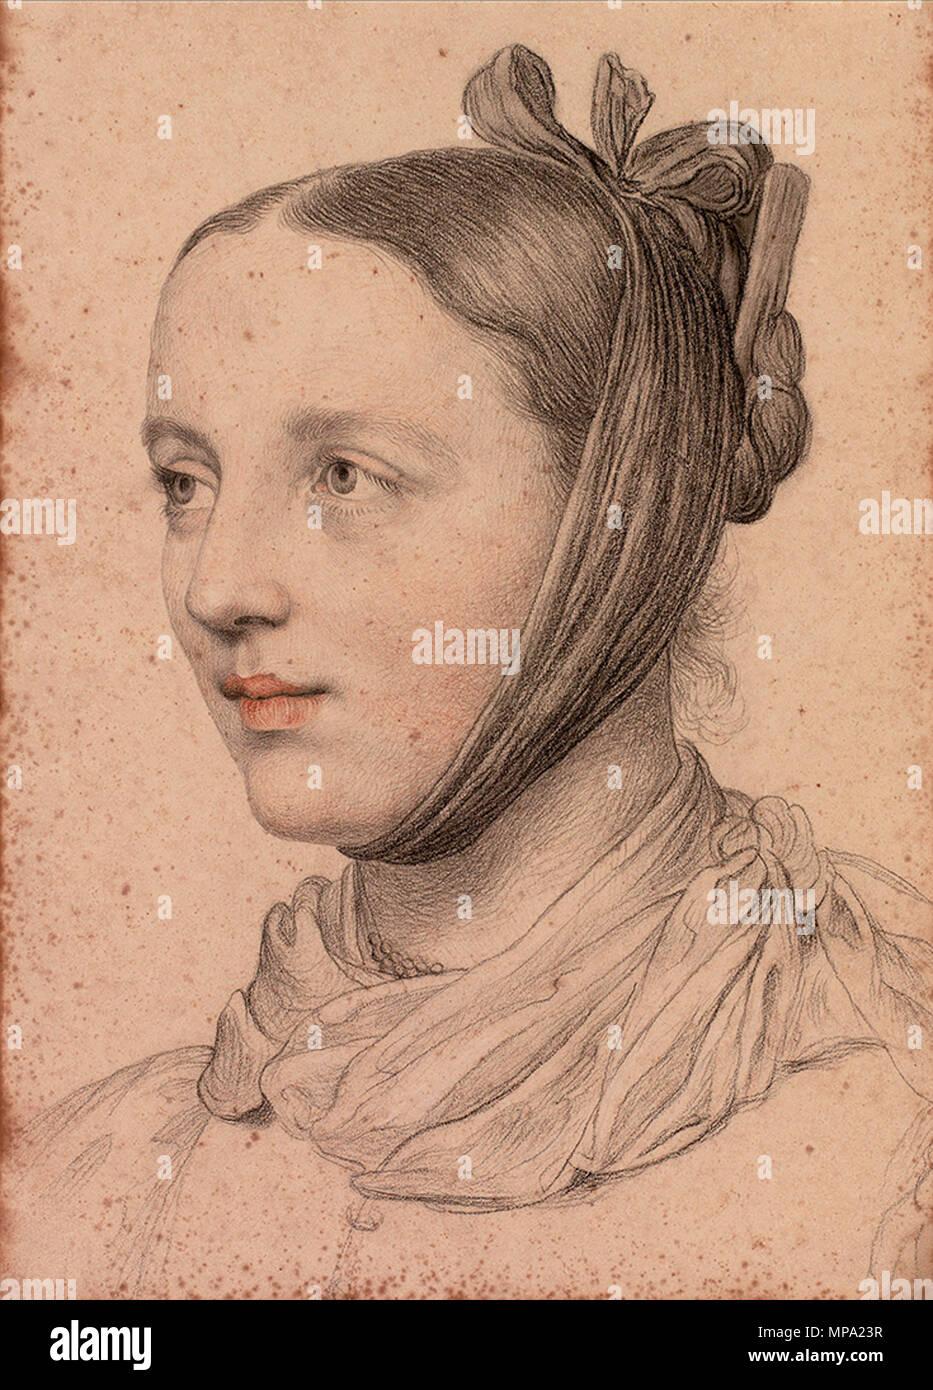 Portrait Einer Jungen Frau Mit Gezopfter Kinnschal Und Frisur Kohle